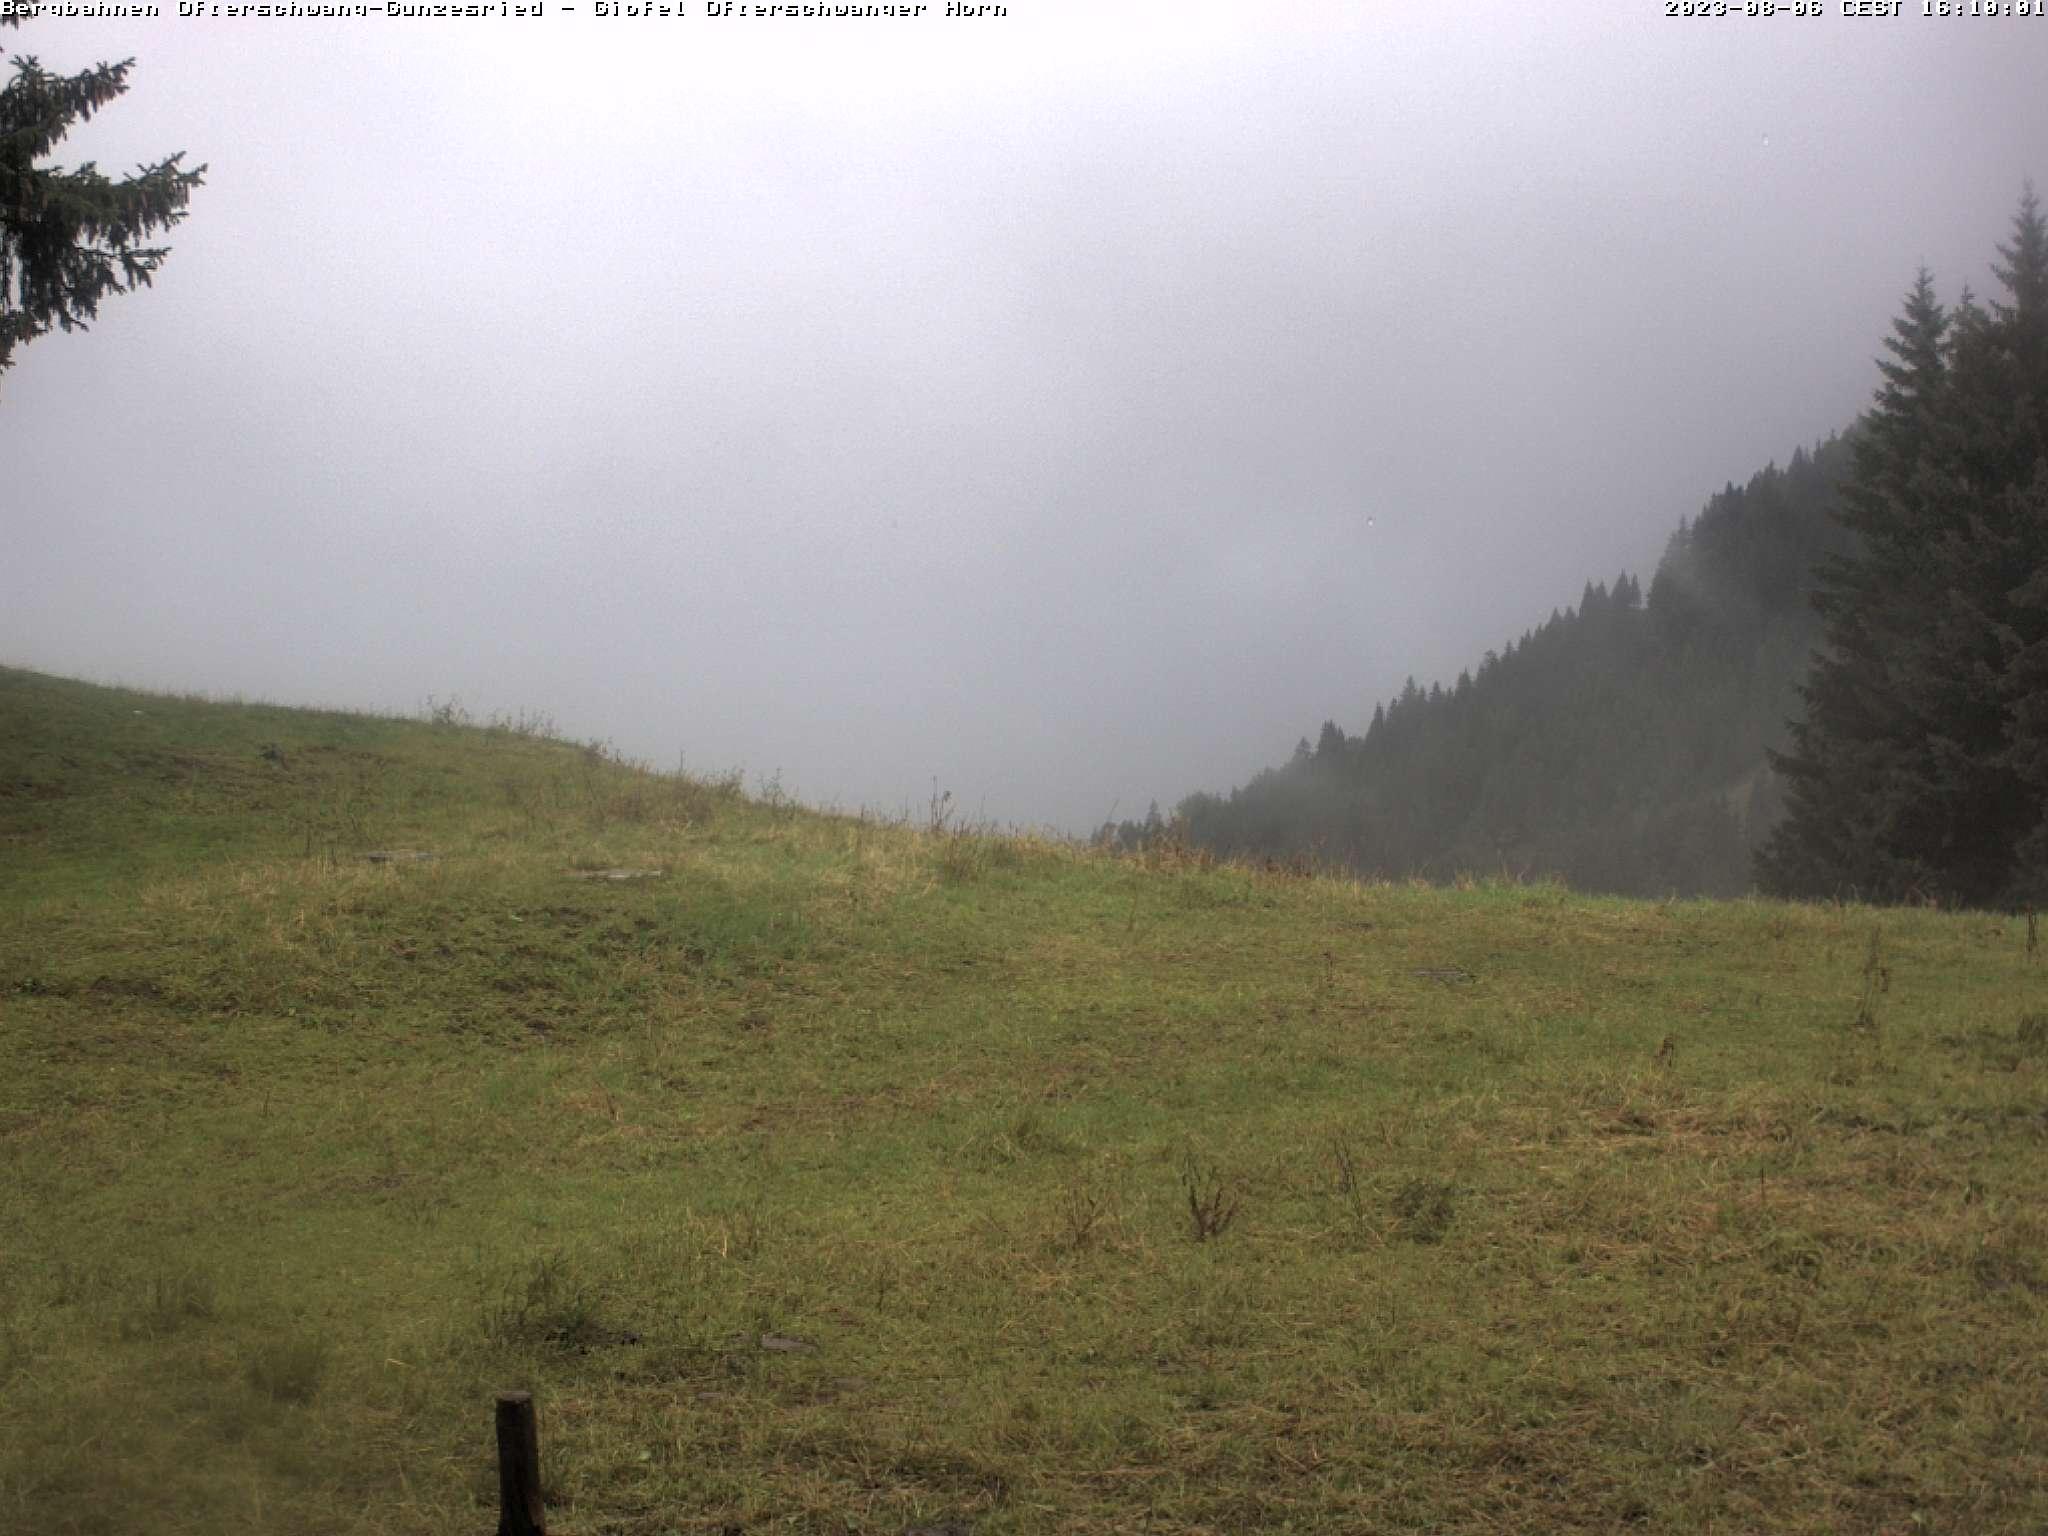 Gipfel Ofterschwanger Horn